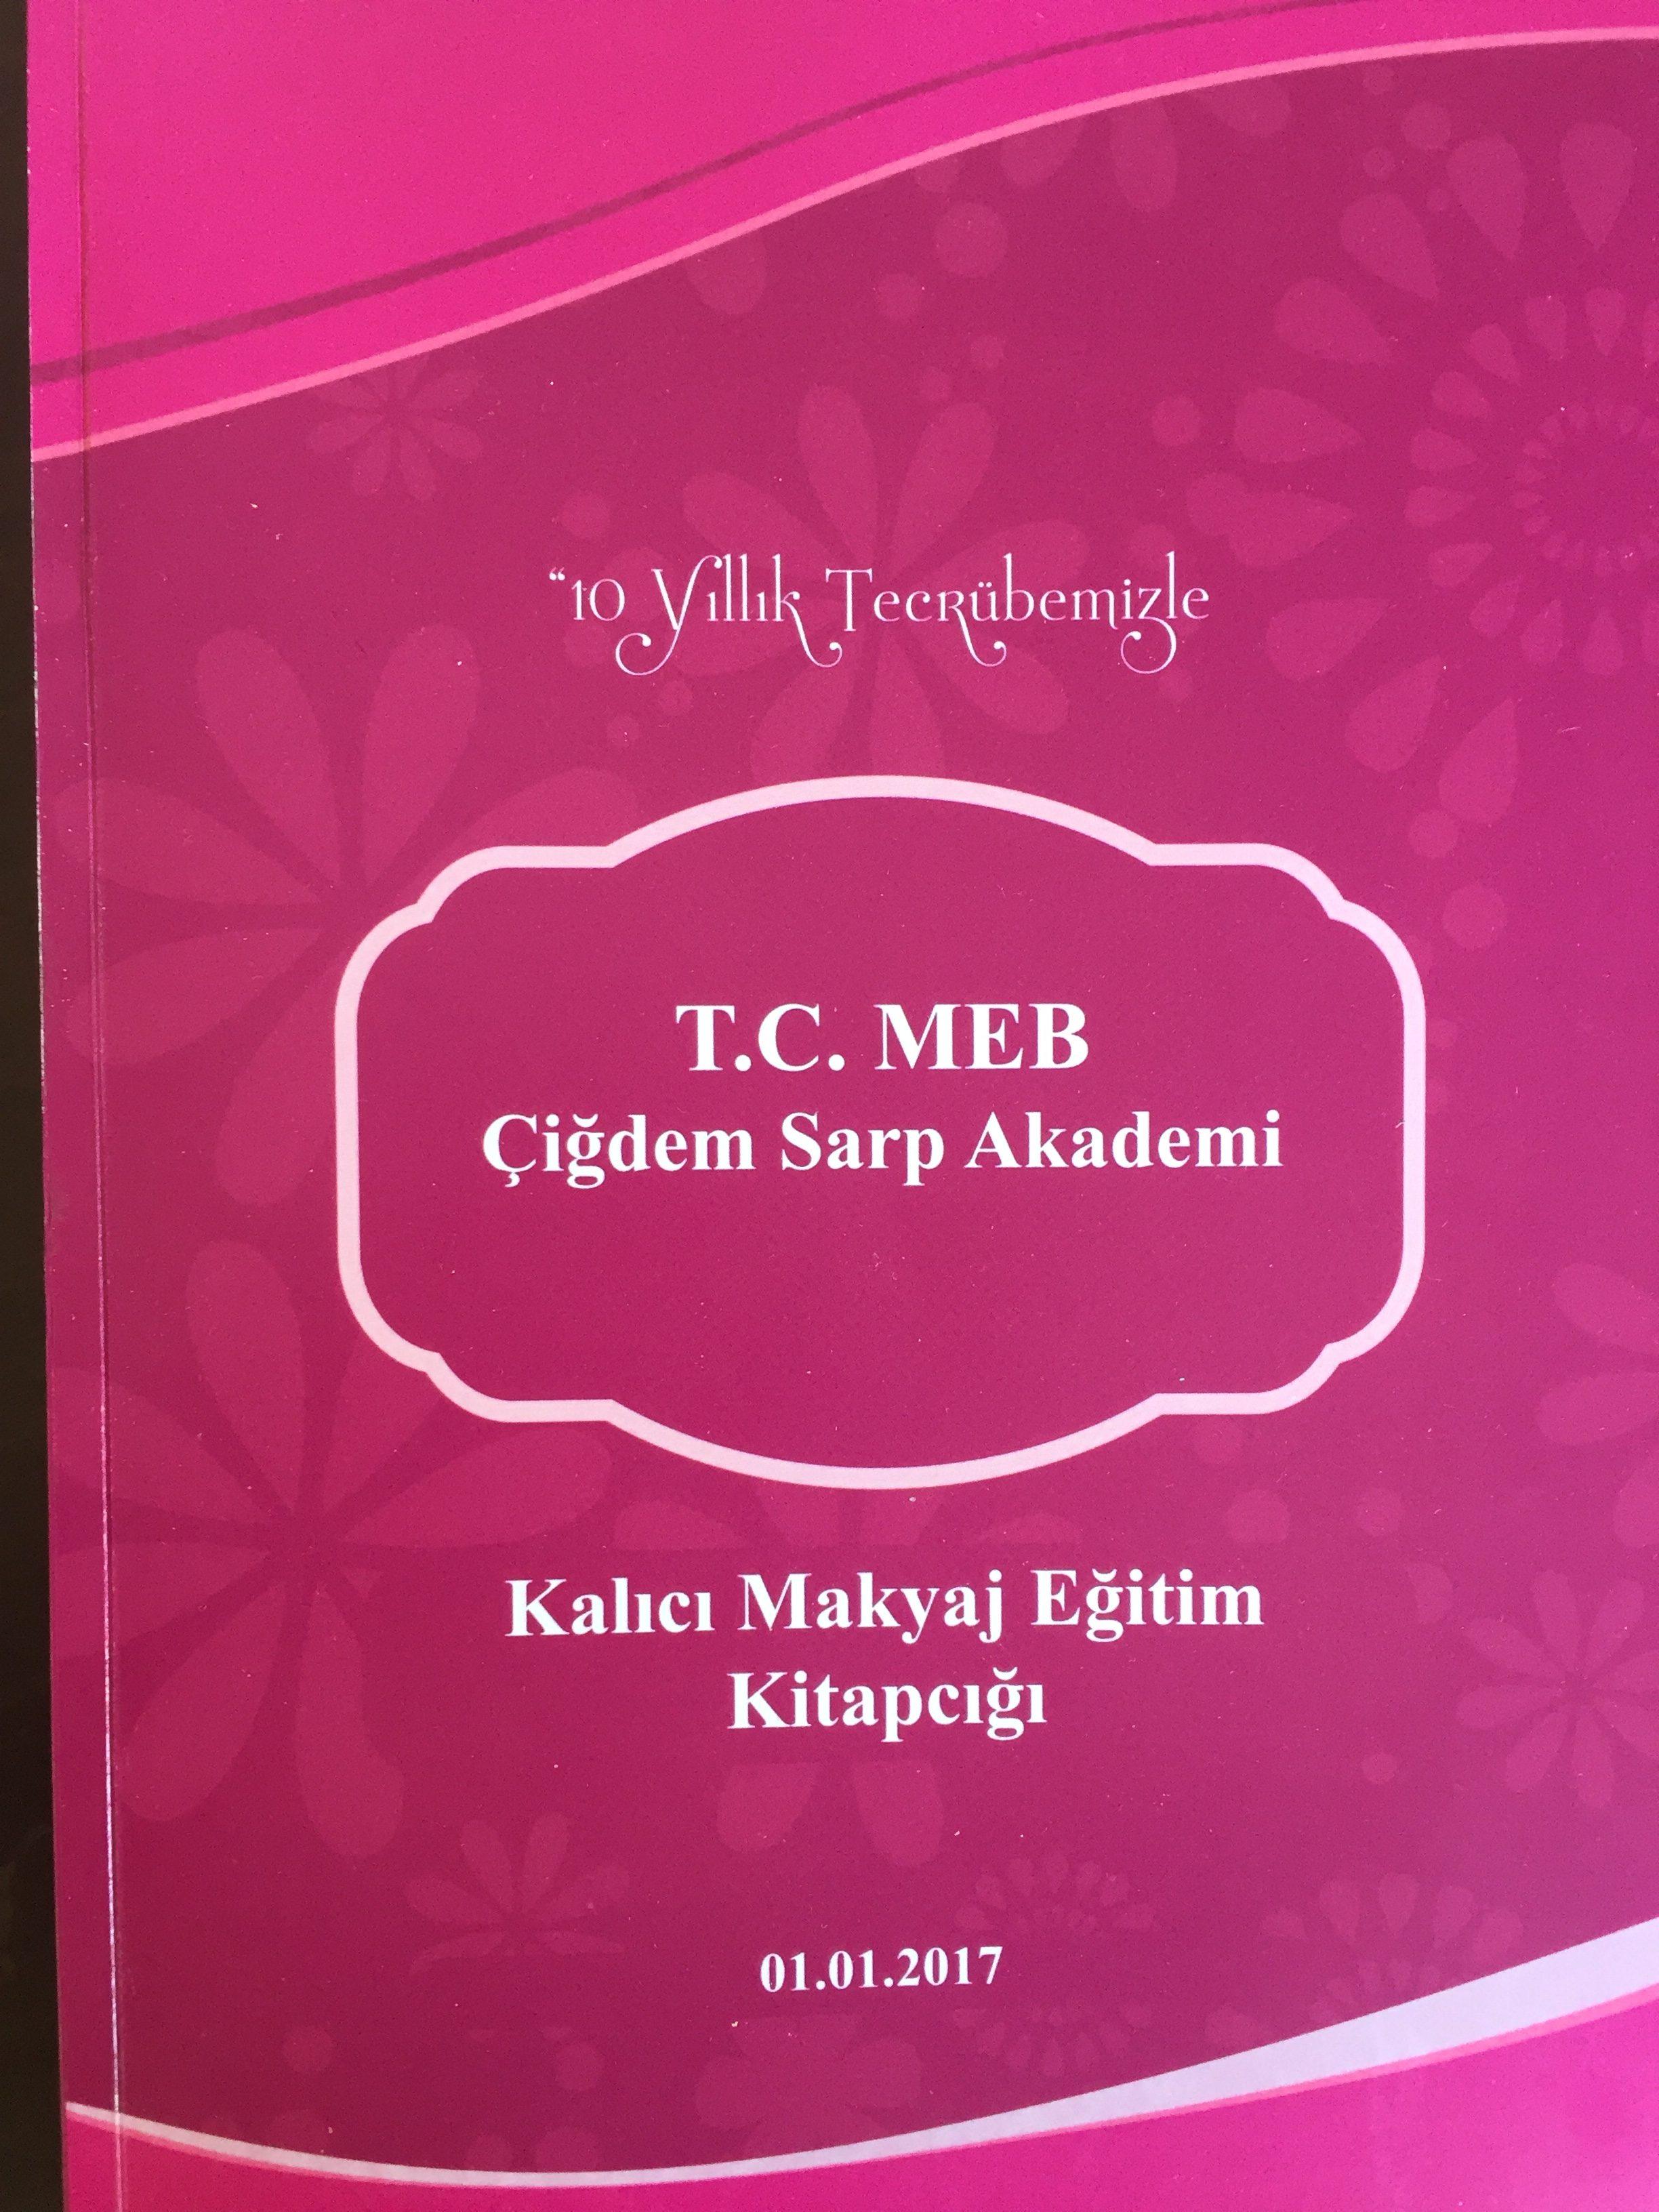 IMG 9561 e1491922938521 - Kalıcı Makyaj Çalışma Kitabı